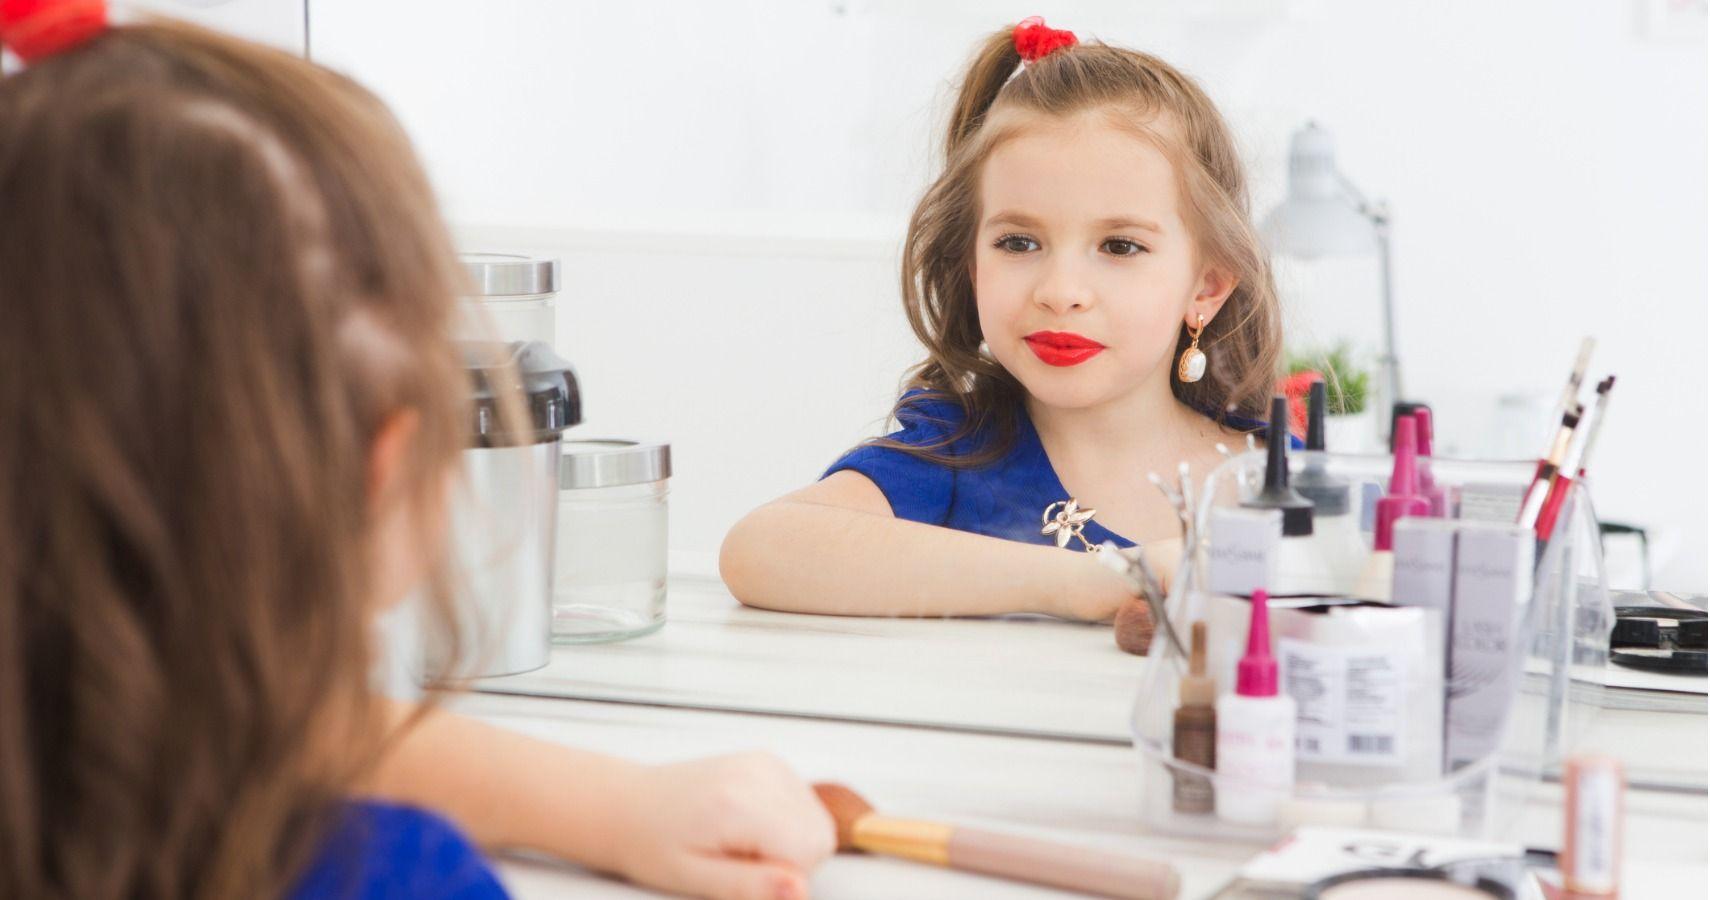 برای منع استفاده کودکان از لوازم آرایش لوازم آرایشی رنگارنگ و وسوسه انگیز را در مقابل چشمان کودک قرار ندهید